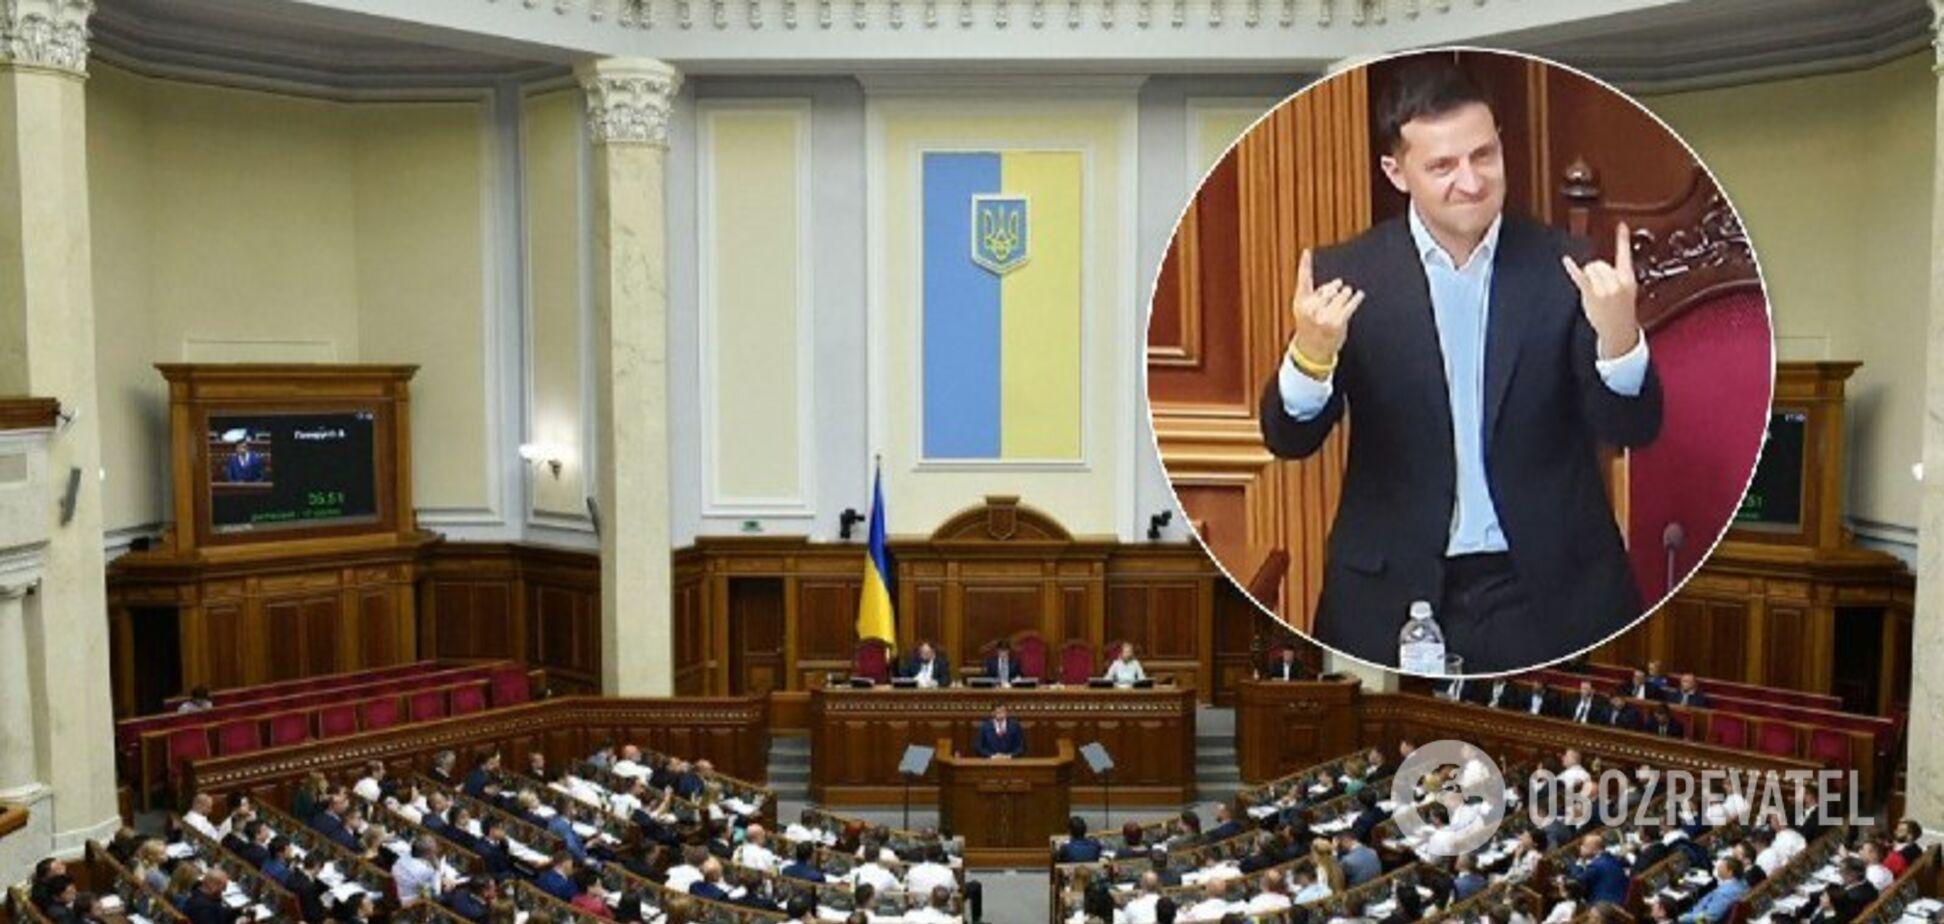 Рада сняла депутатскую неприкосновенность: кто поддержал